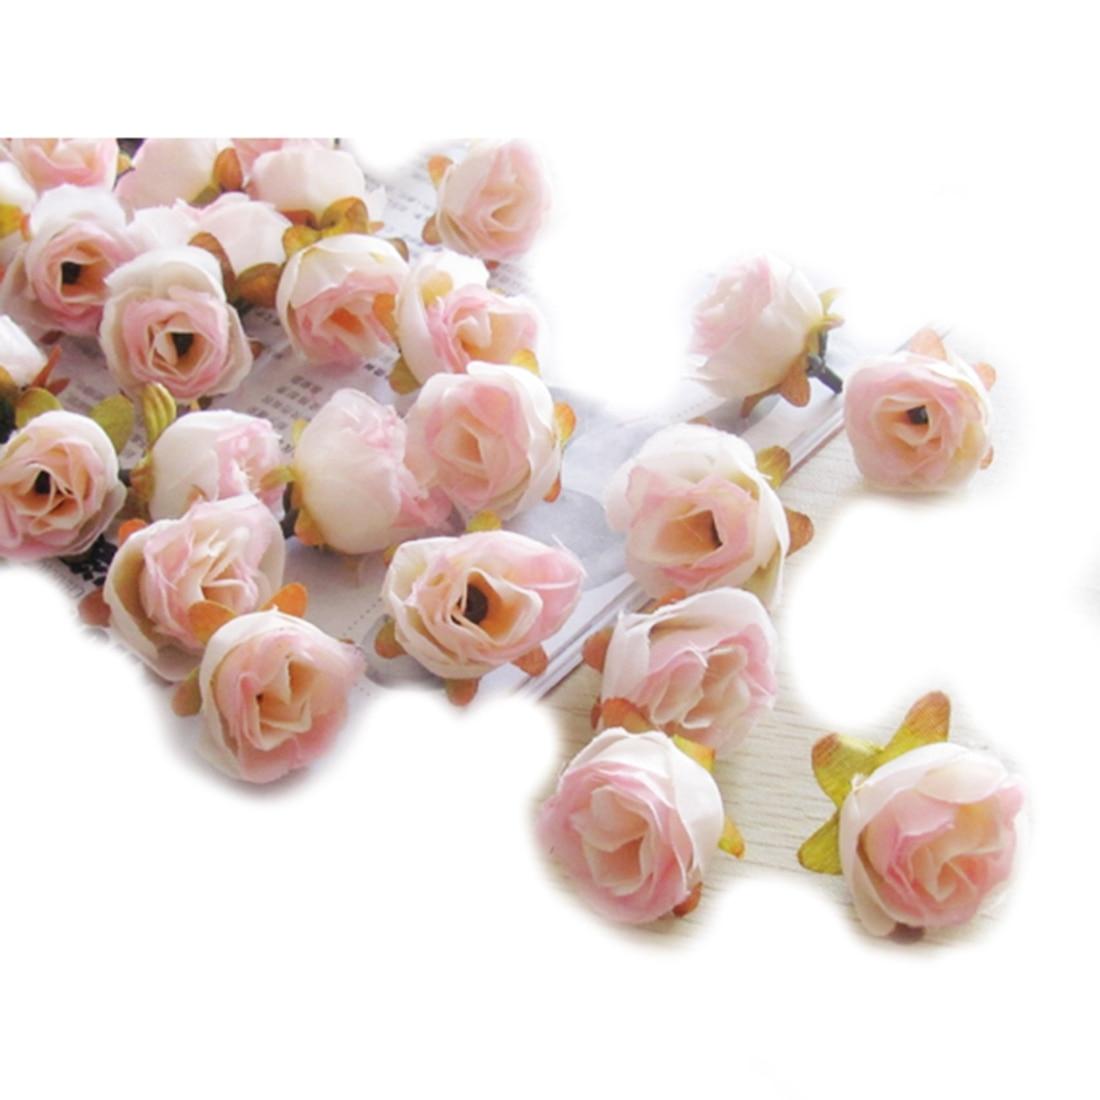 UESH-100pcs Multi Color Pequeño Té Rosa Bricolaje Rosa Flor de Seda - Para fiestas y celebraciones - foto 5